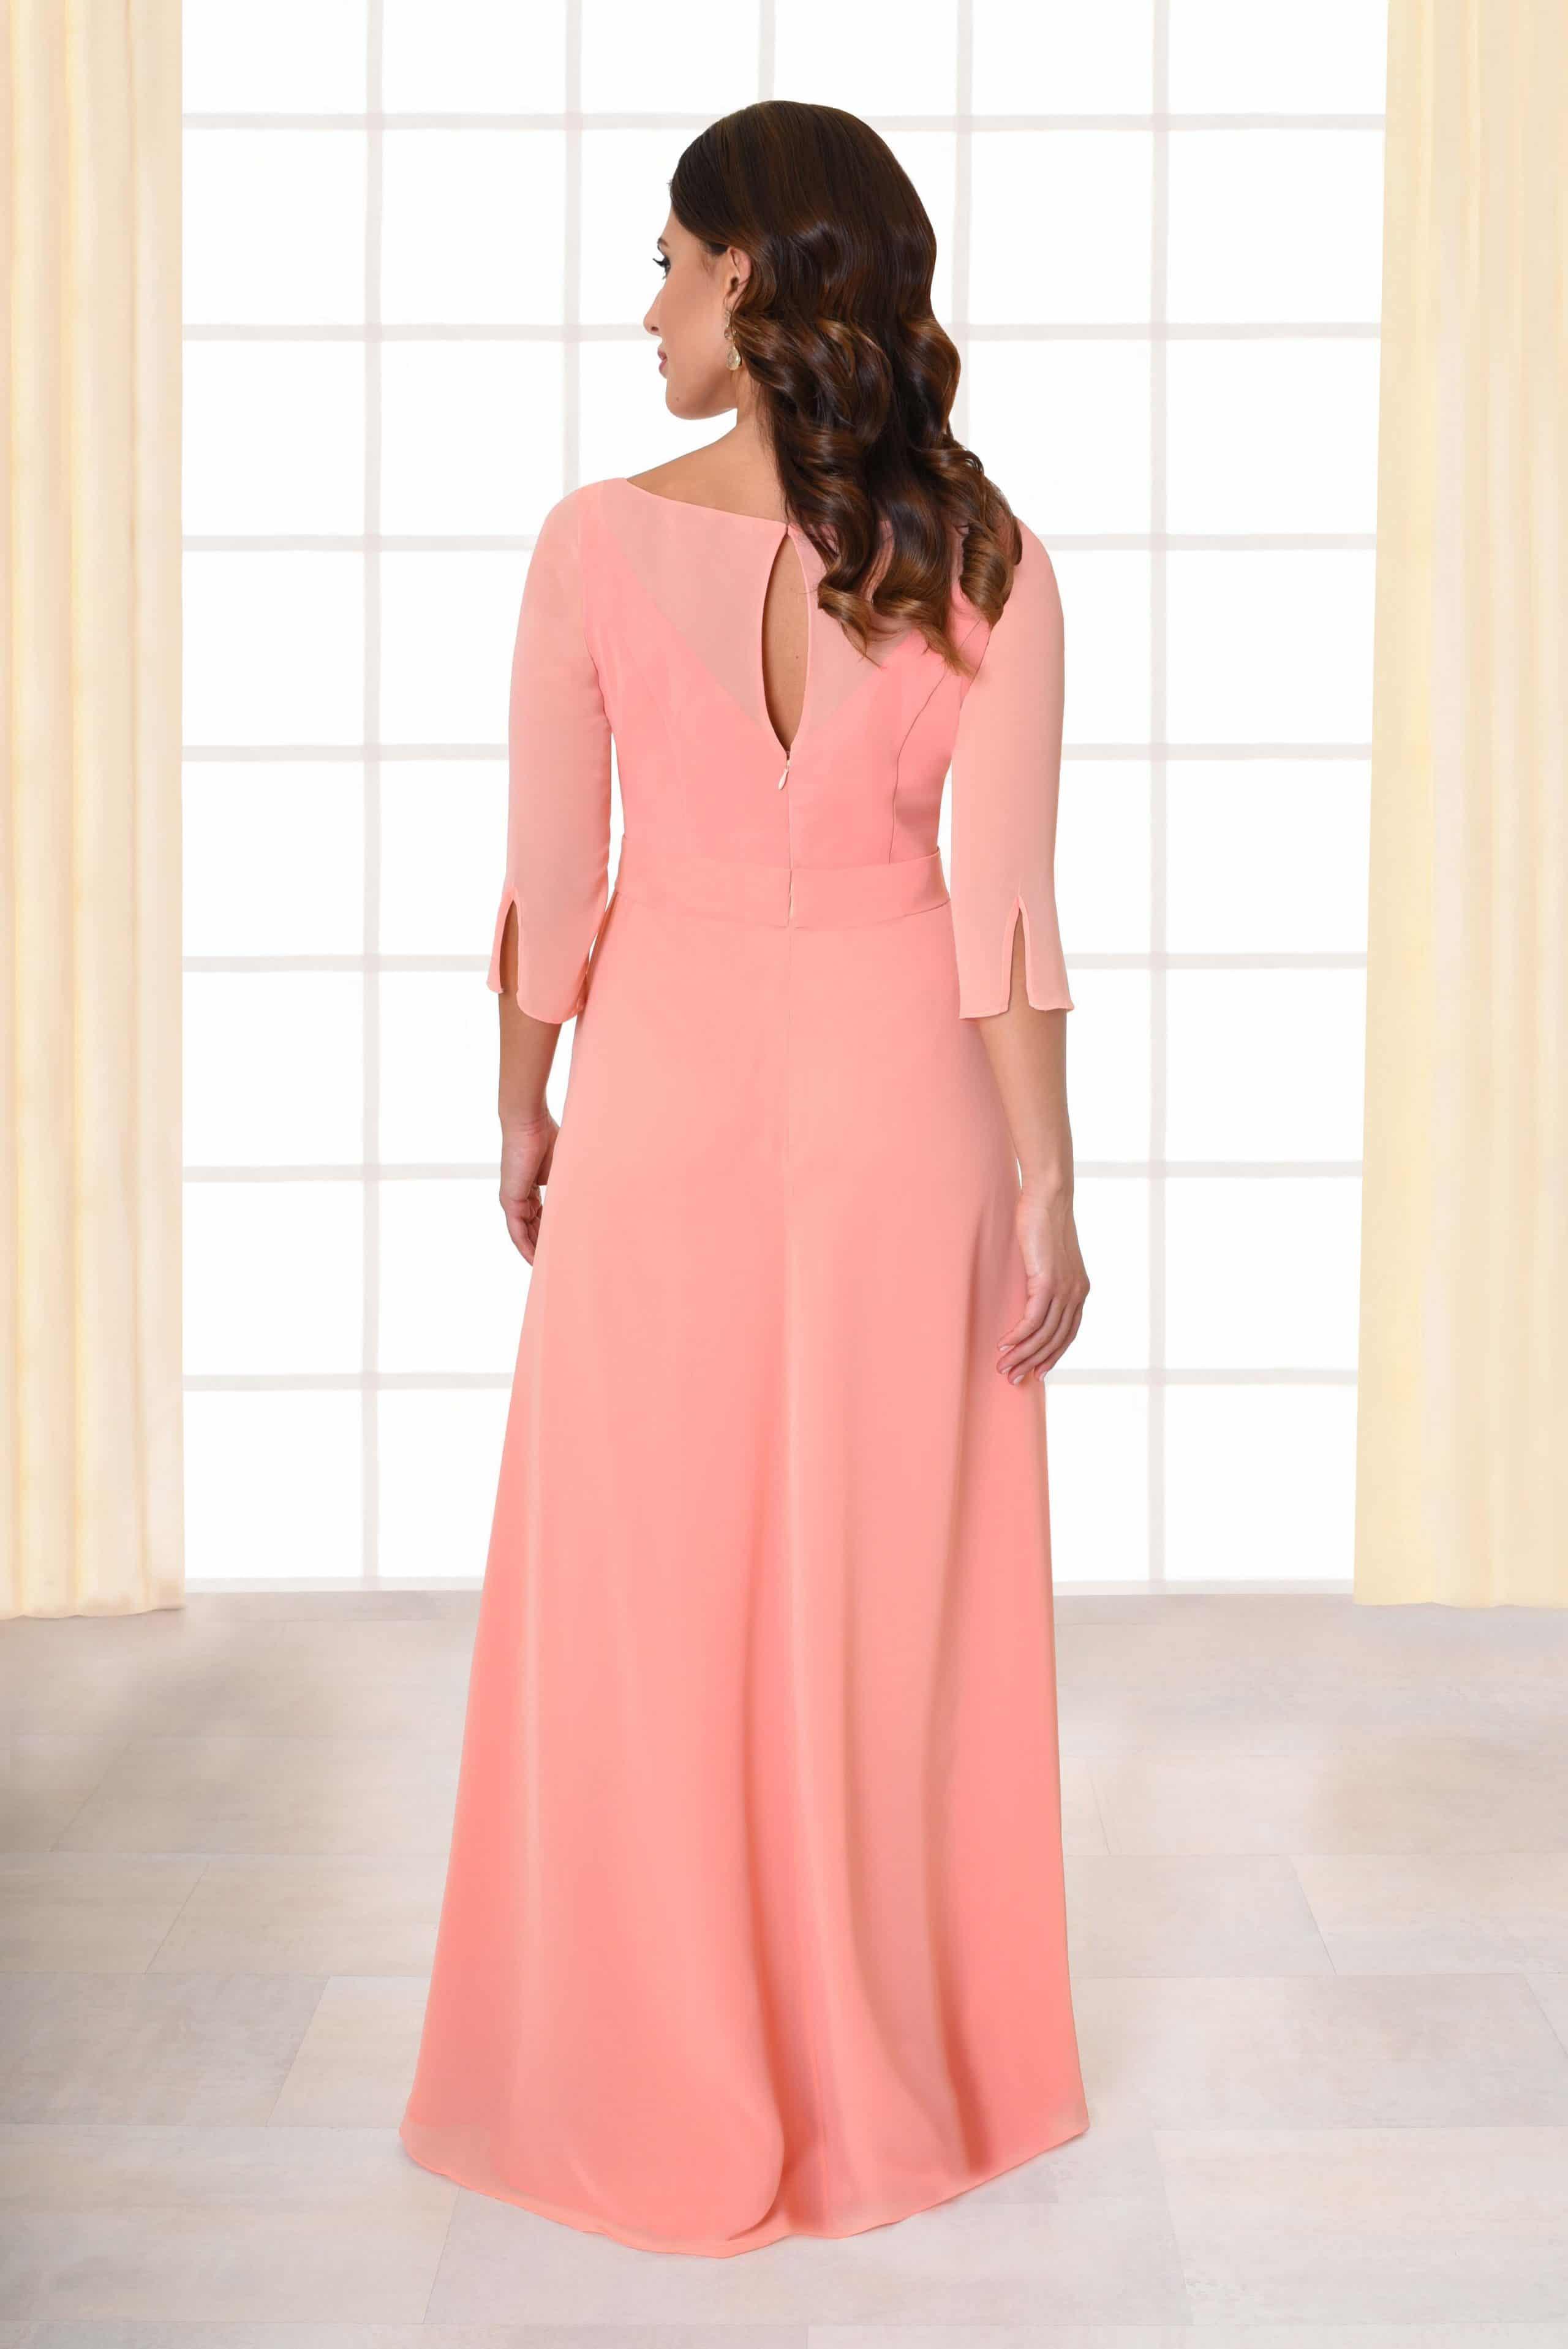 Abendkleid lang Beth rosa mit Schleifengürtel und Brosche von hinten